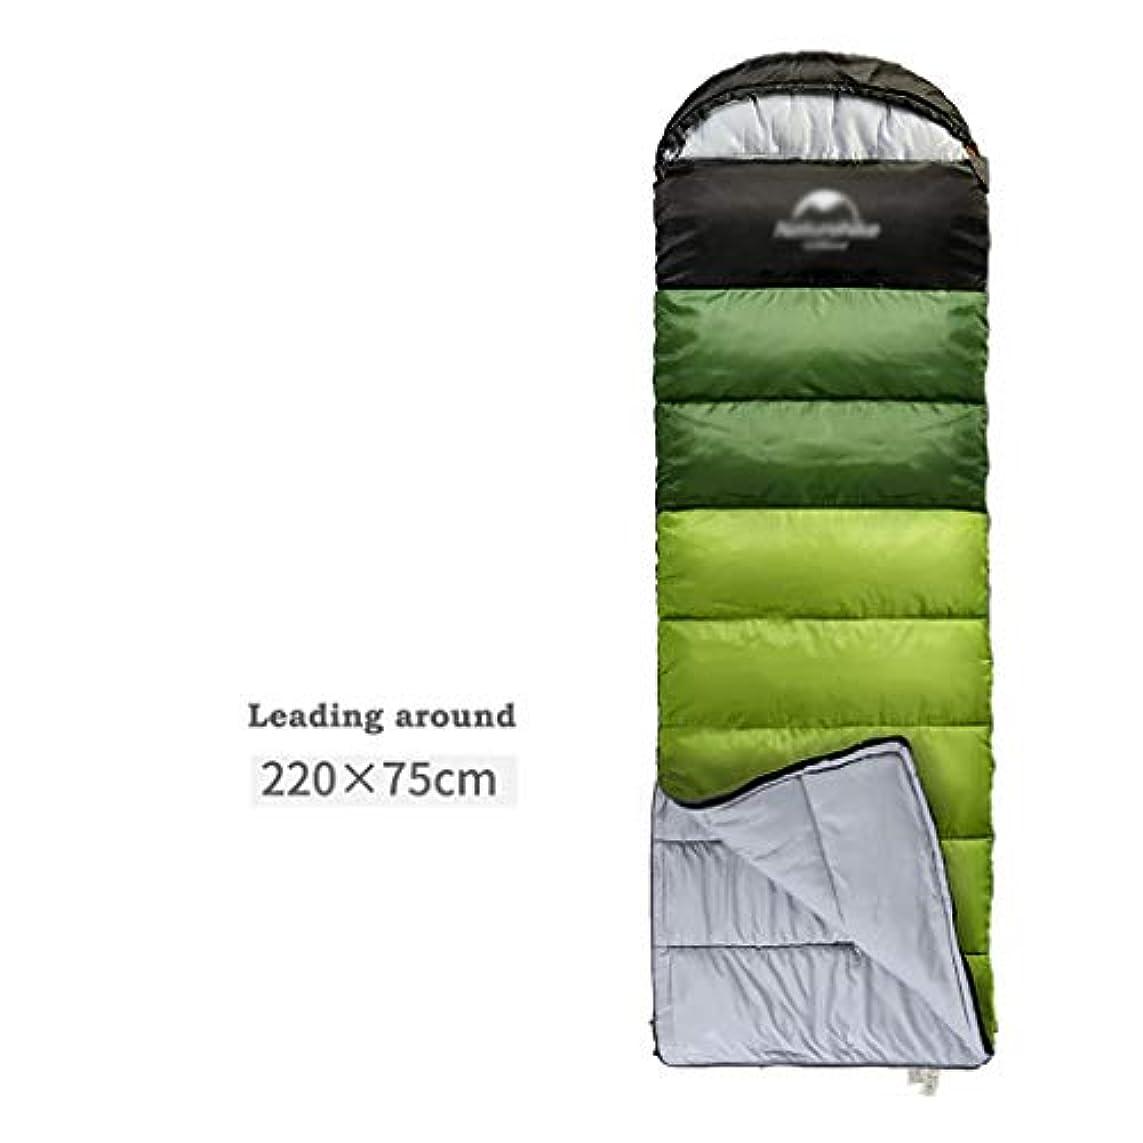 評価可能抵抗力があるミスペンド大人の封筒の寝袋春、夏、秋と冬の屋外のテントキャンプ旅行オフィススプライス可能な寝袋持ち運びが簡単 (色 : B1, サイズ さいず : Leading around)